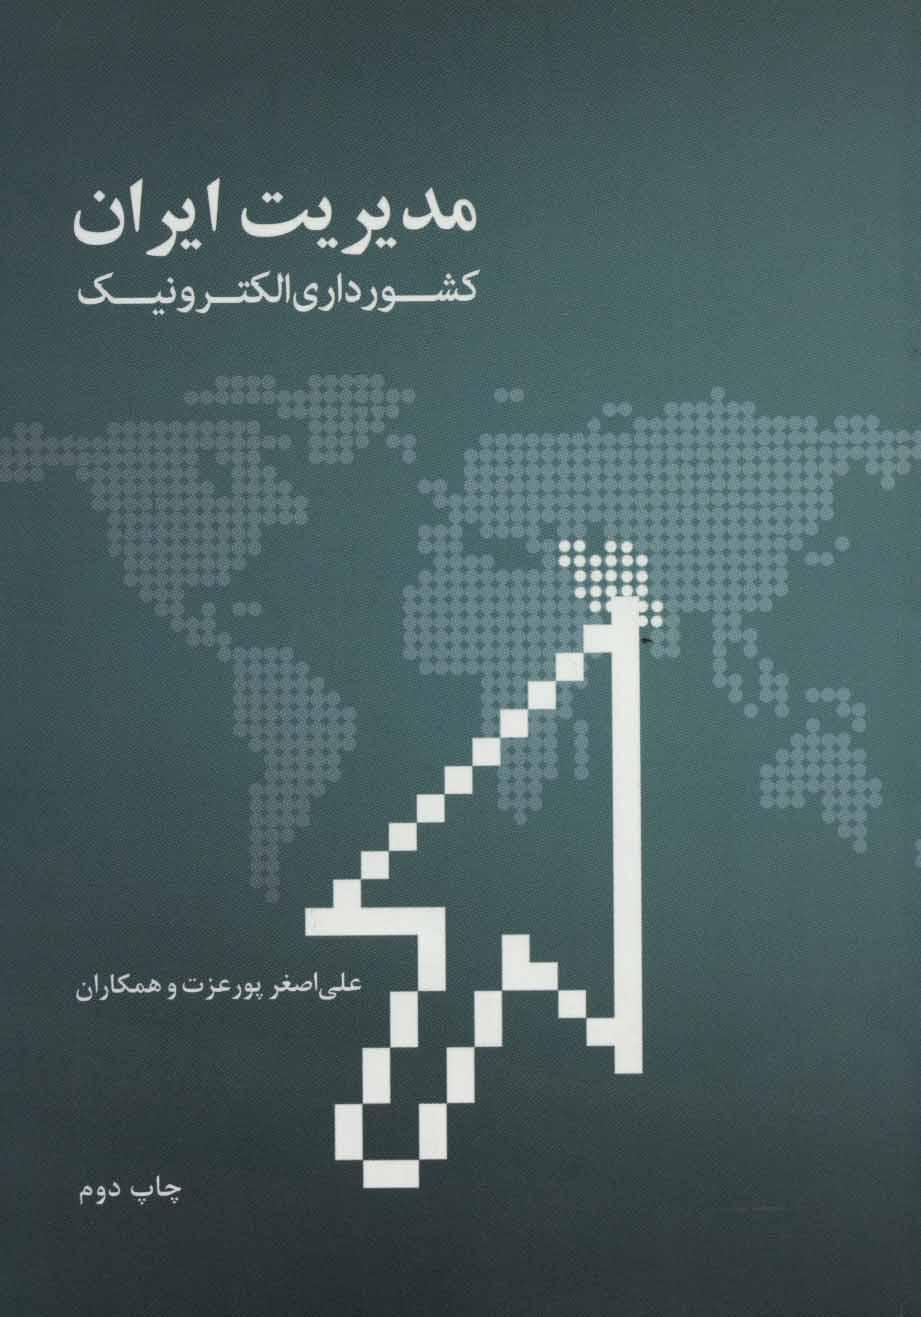 مدیریت ایران (کشورداری الکترونیک)